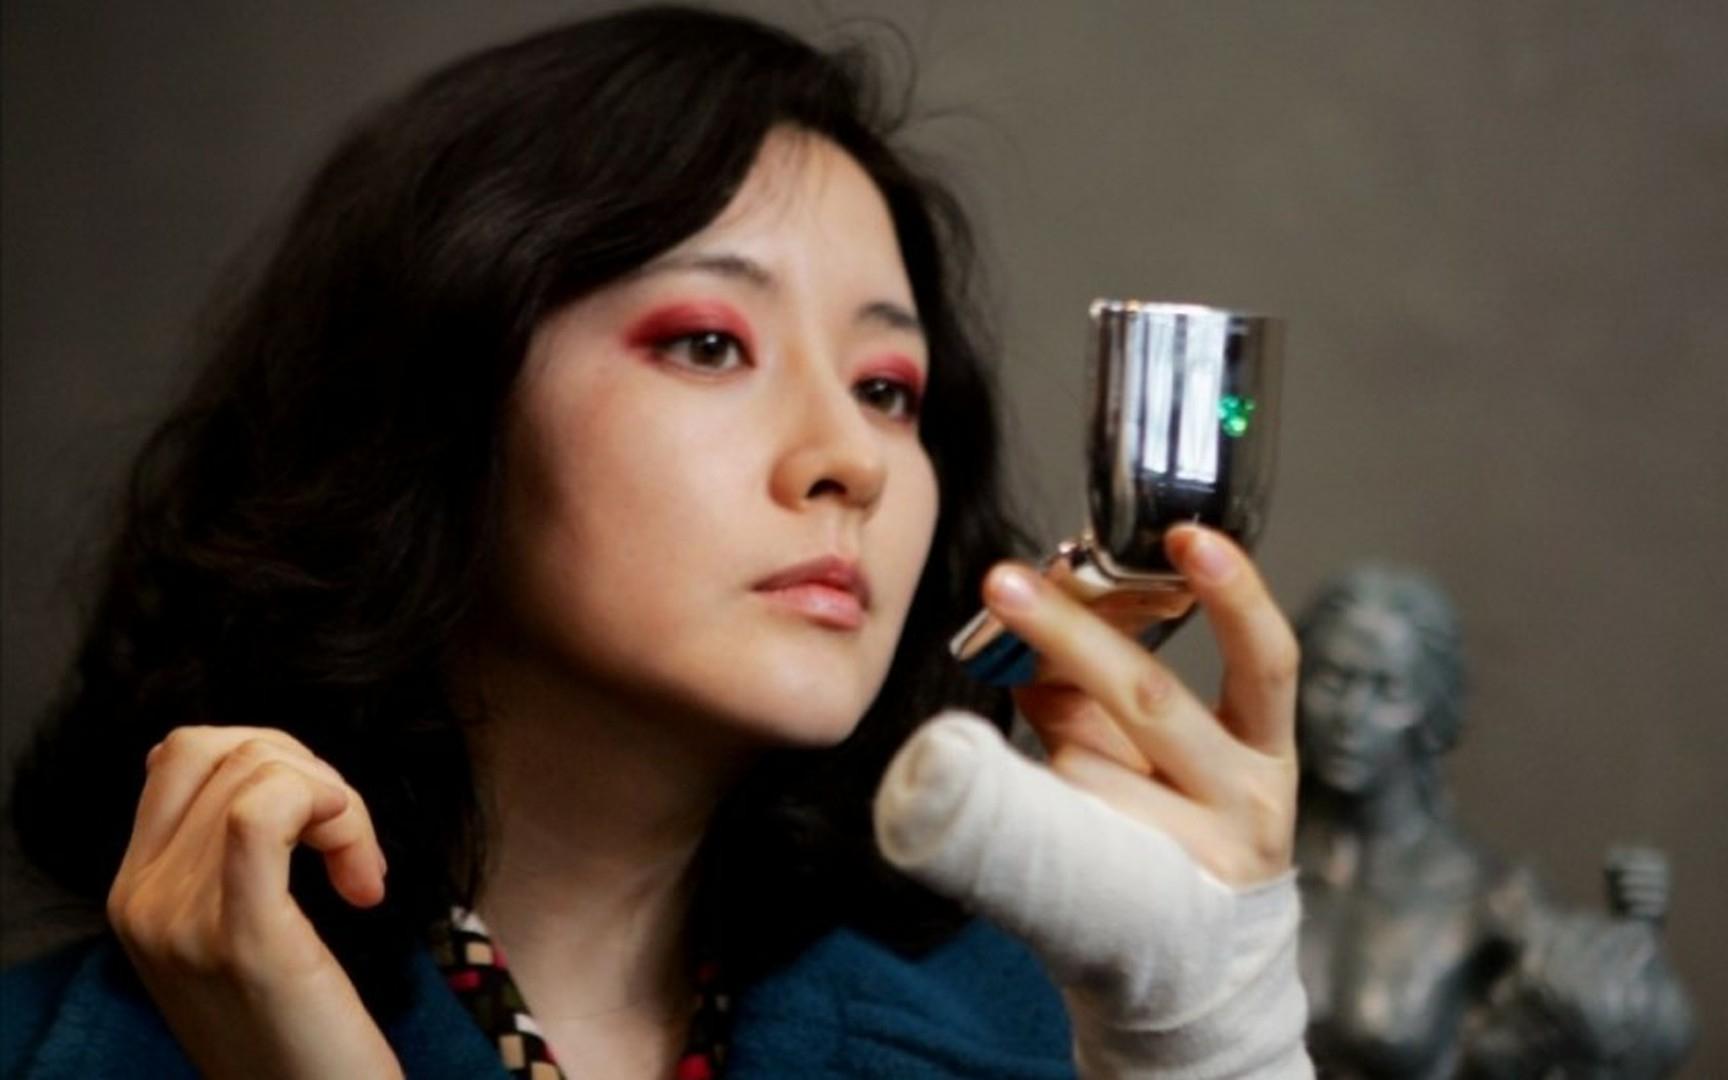 豆瓣8.0分,奉为神作的韩国犯罪片,一个女人的绝美复仇